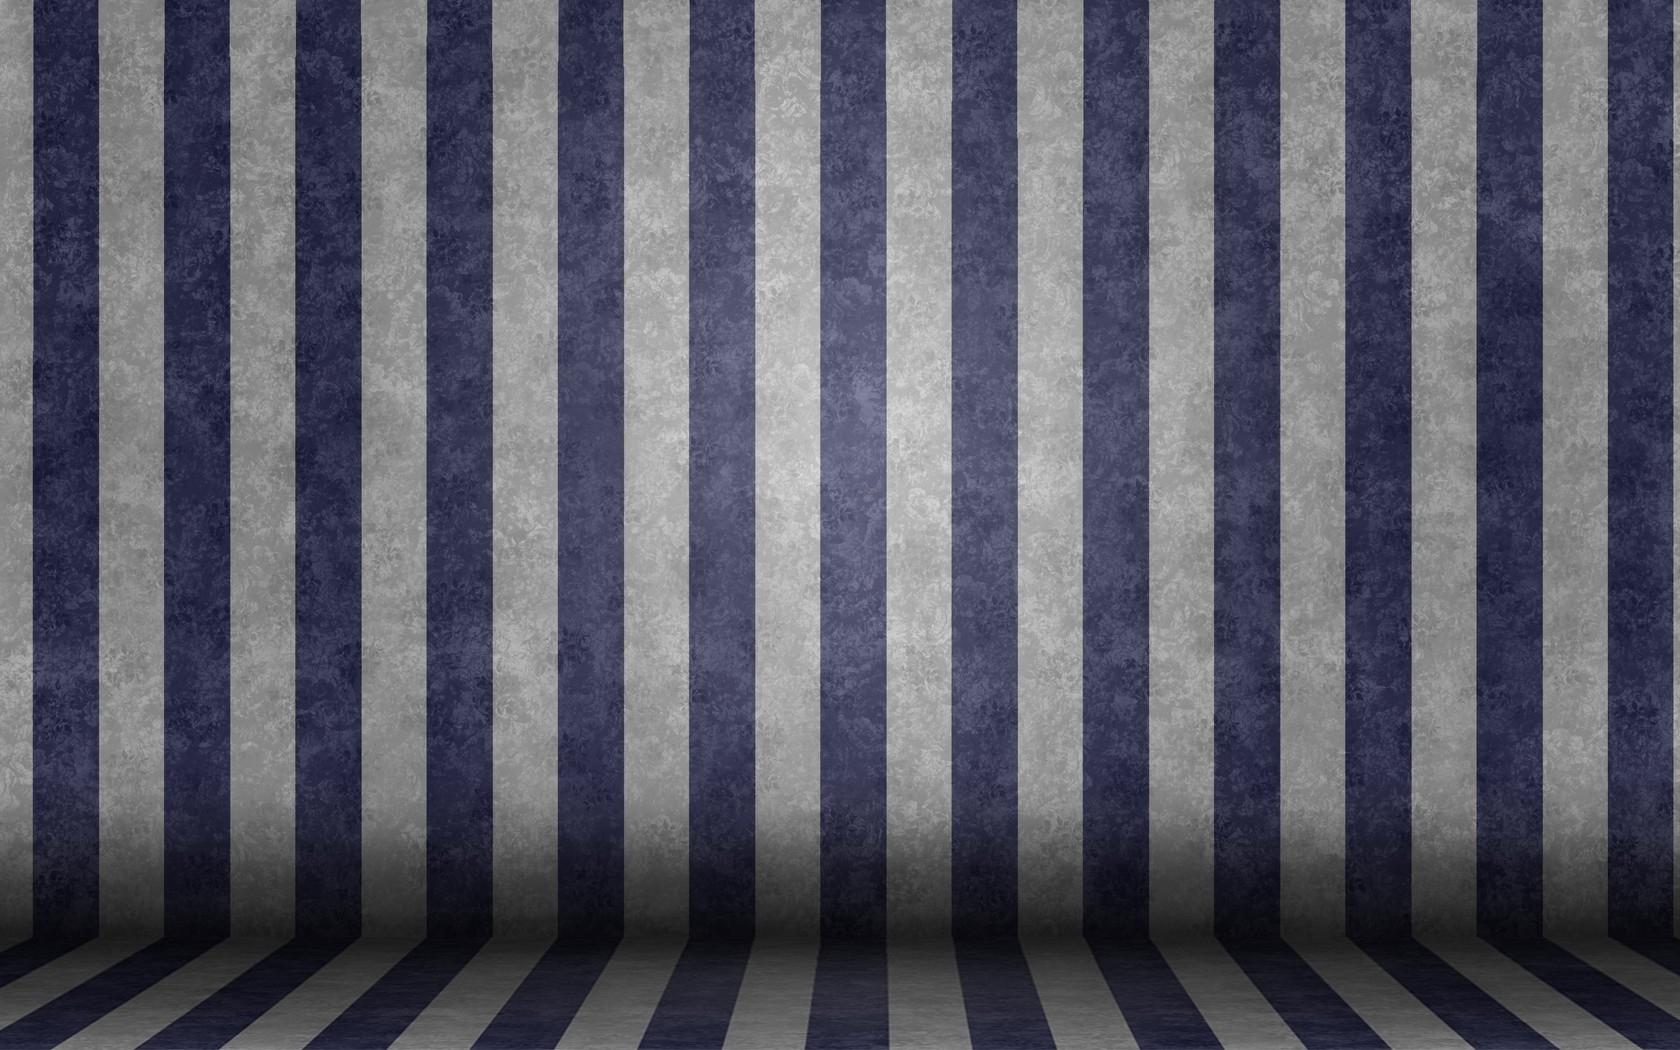 Download Wallpapers Download floor blue room patterns grey lines 1680x1050